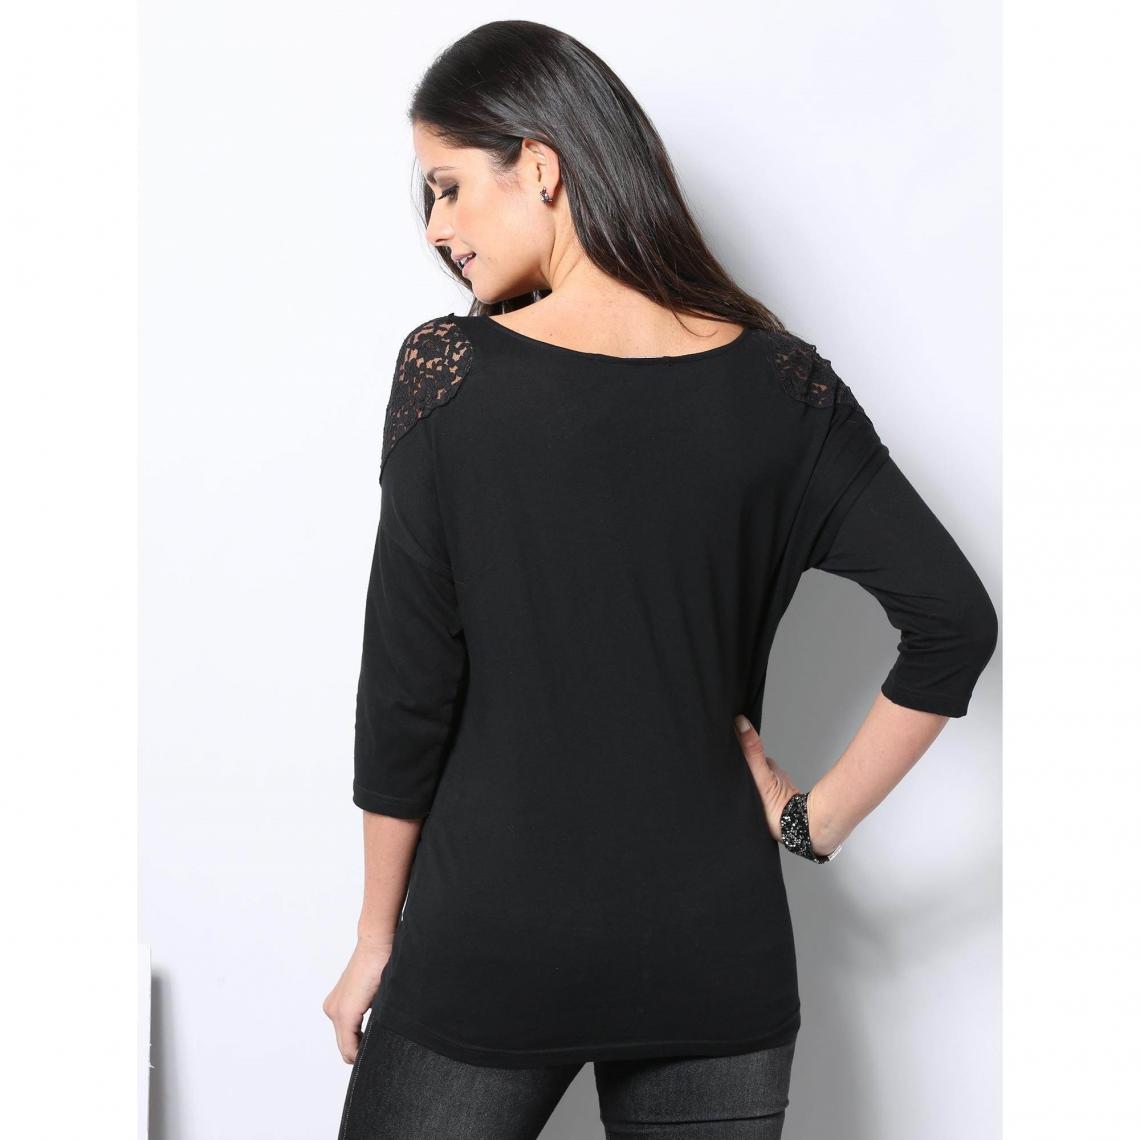 9a0380220624e Tee-shirt manches 3/4 dentelle sur épaules femme - Noir   3 SUISSES